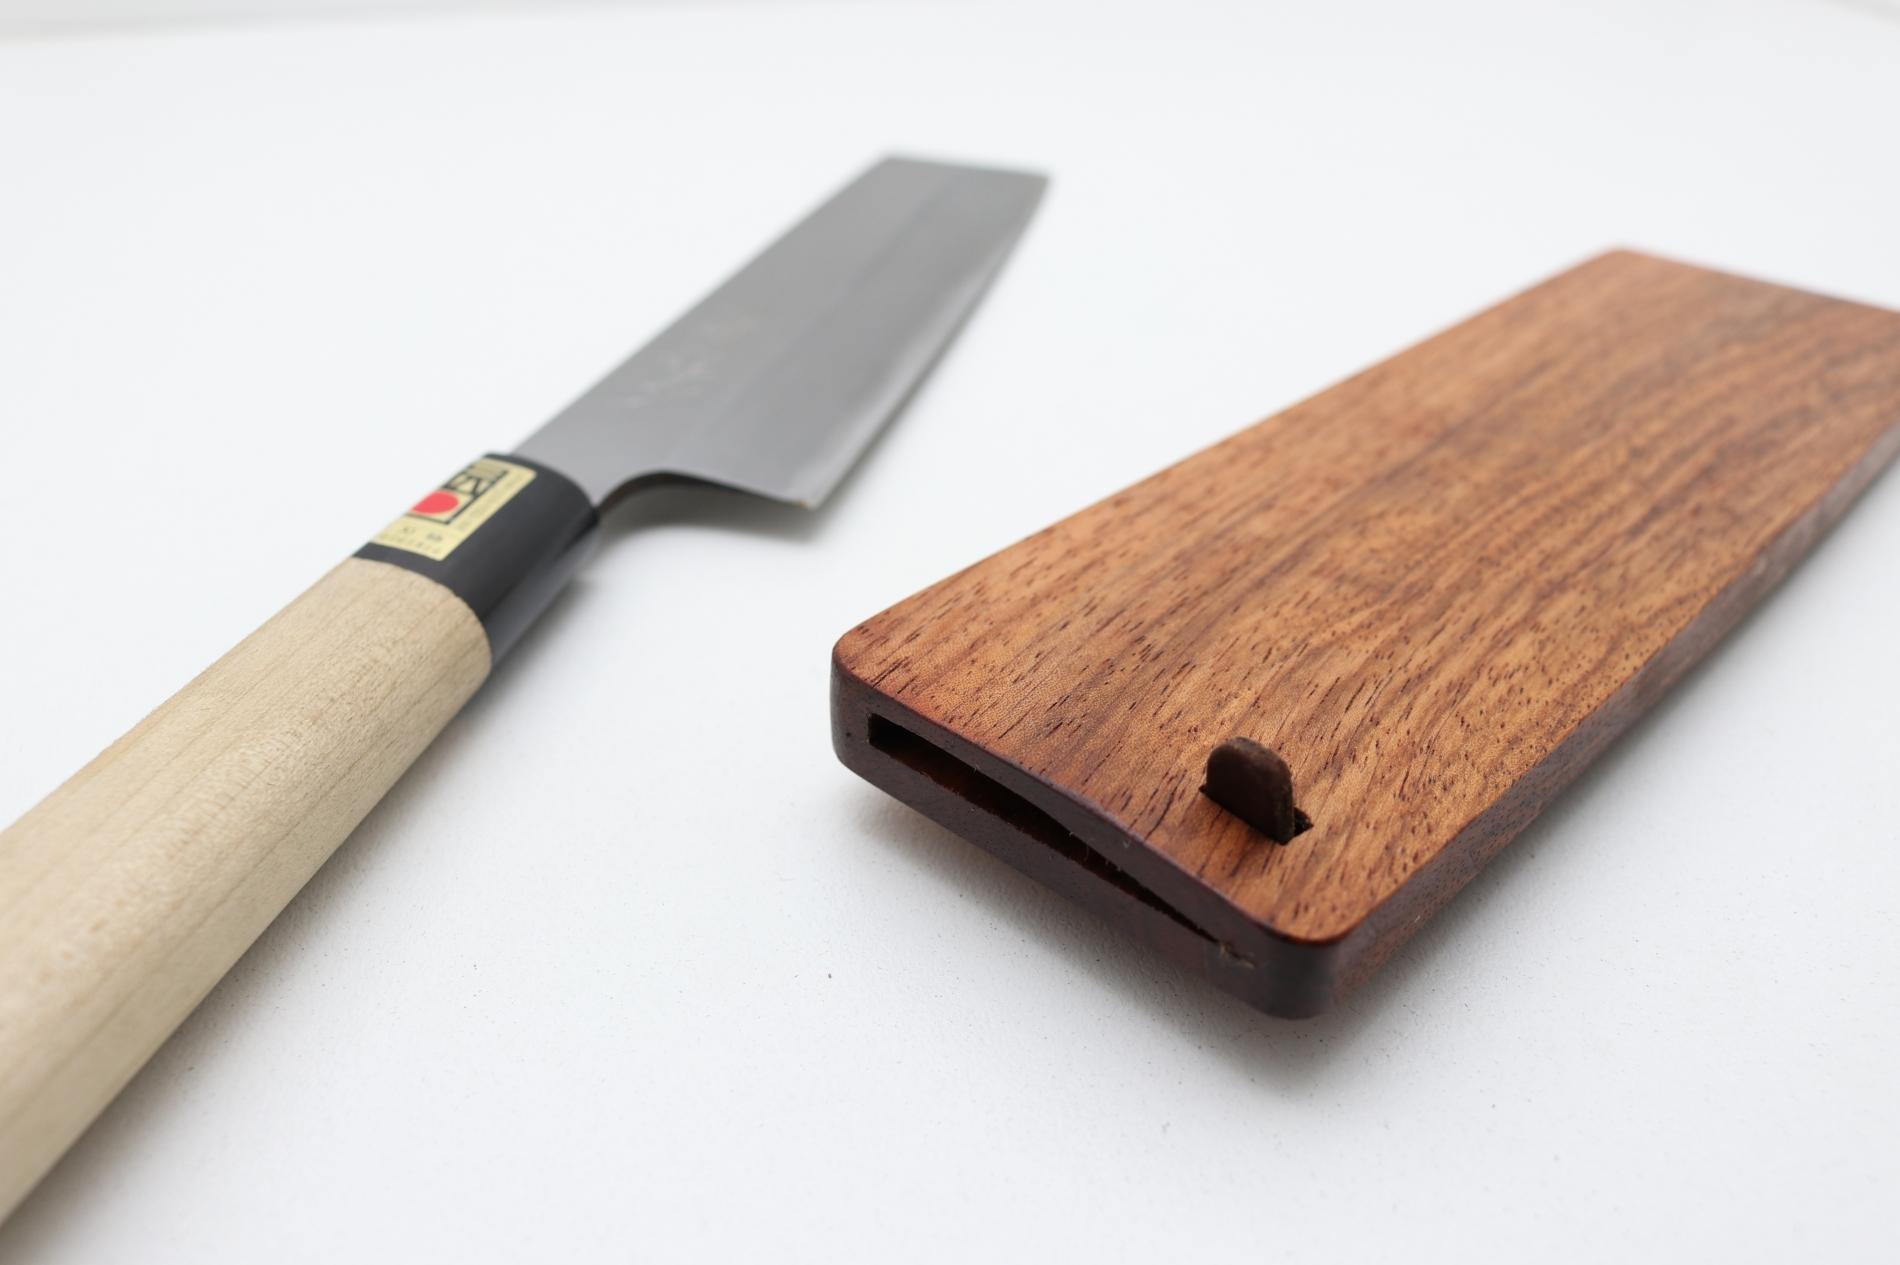 GUB0043-Protector de filo de cuchillo de madera personalizado GUB0043-max-5.